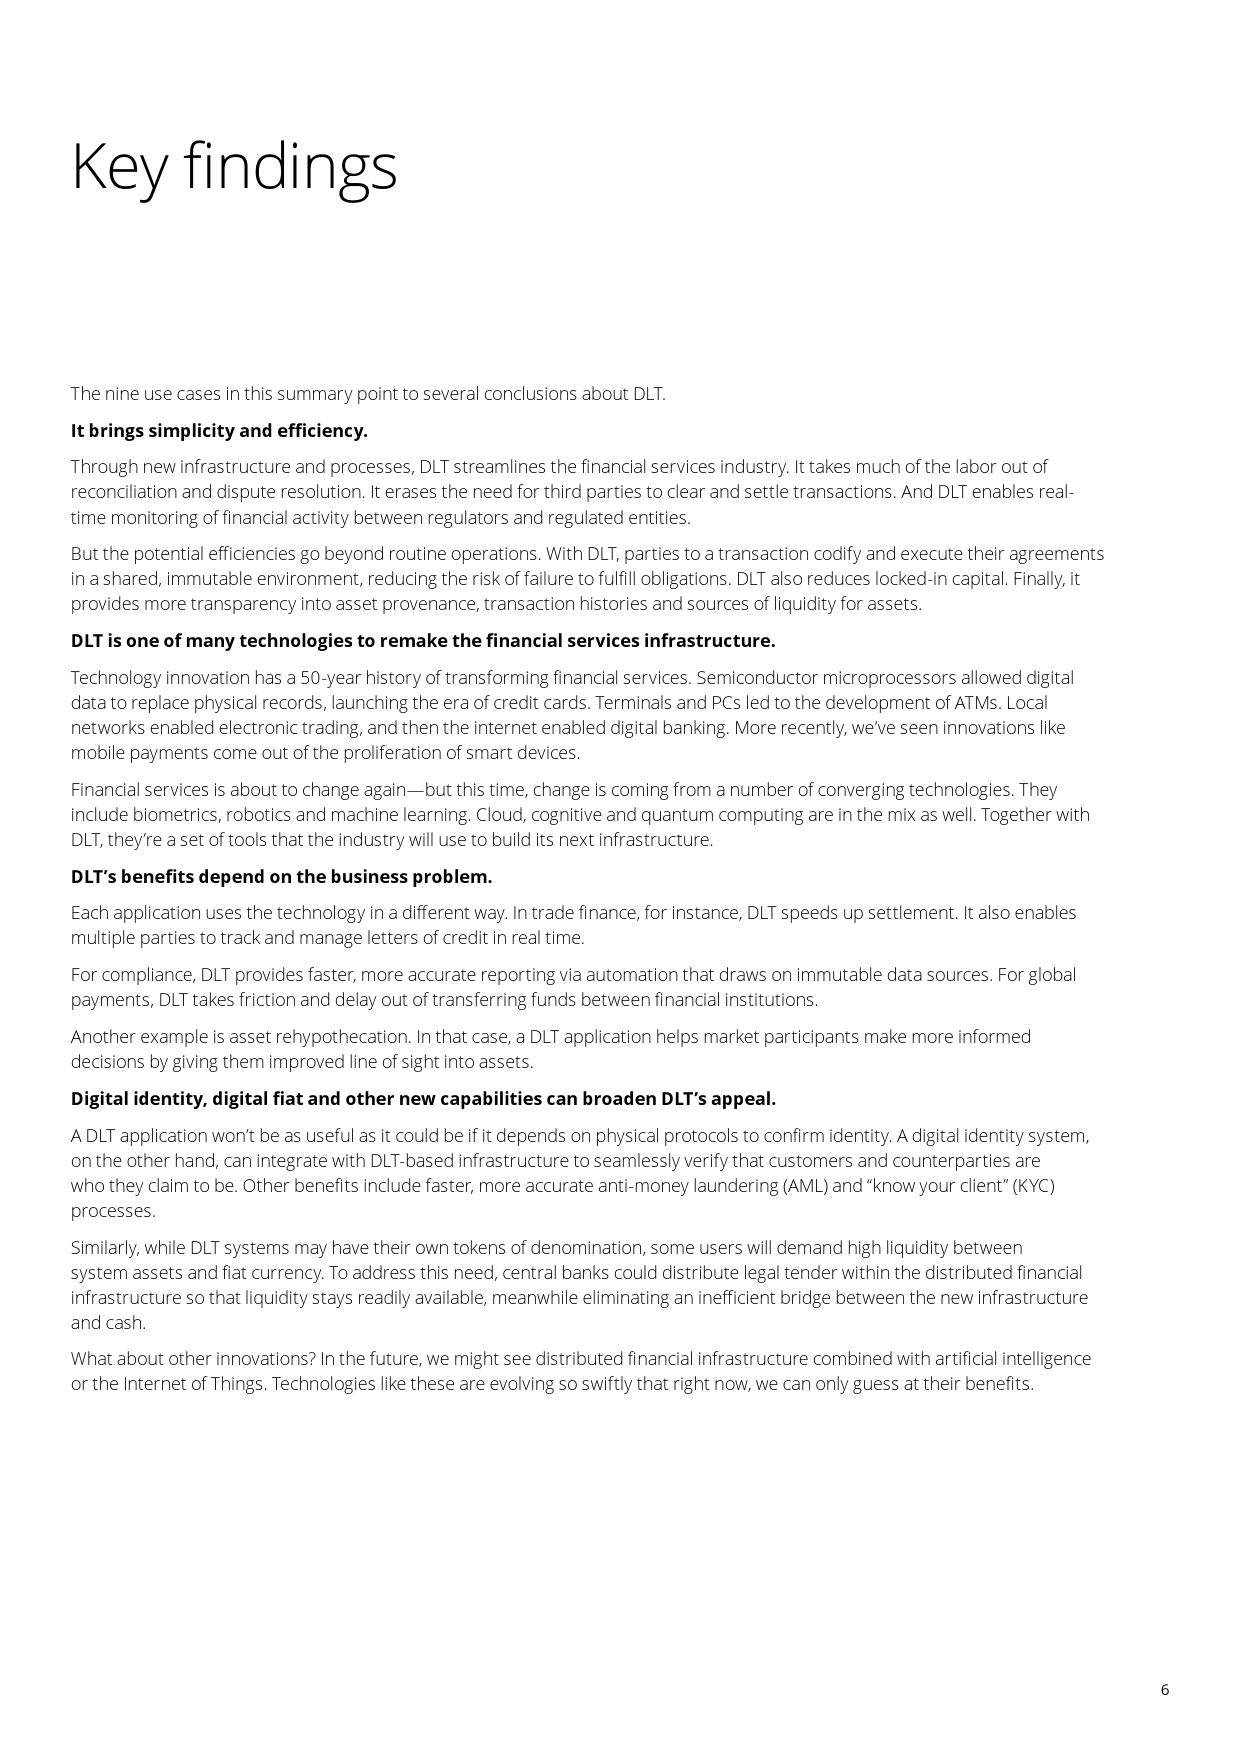 gx-fsi-blockchain-deloitte-summary_000006